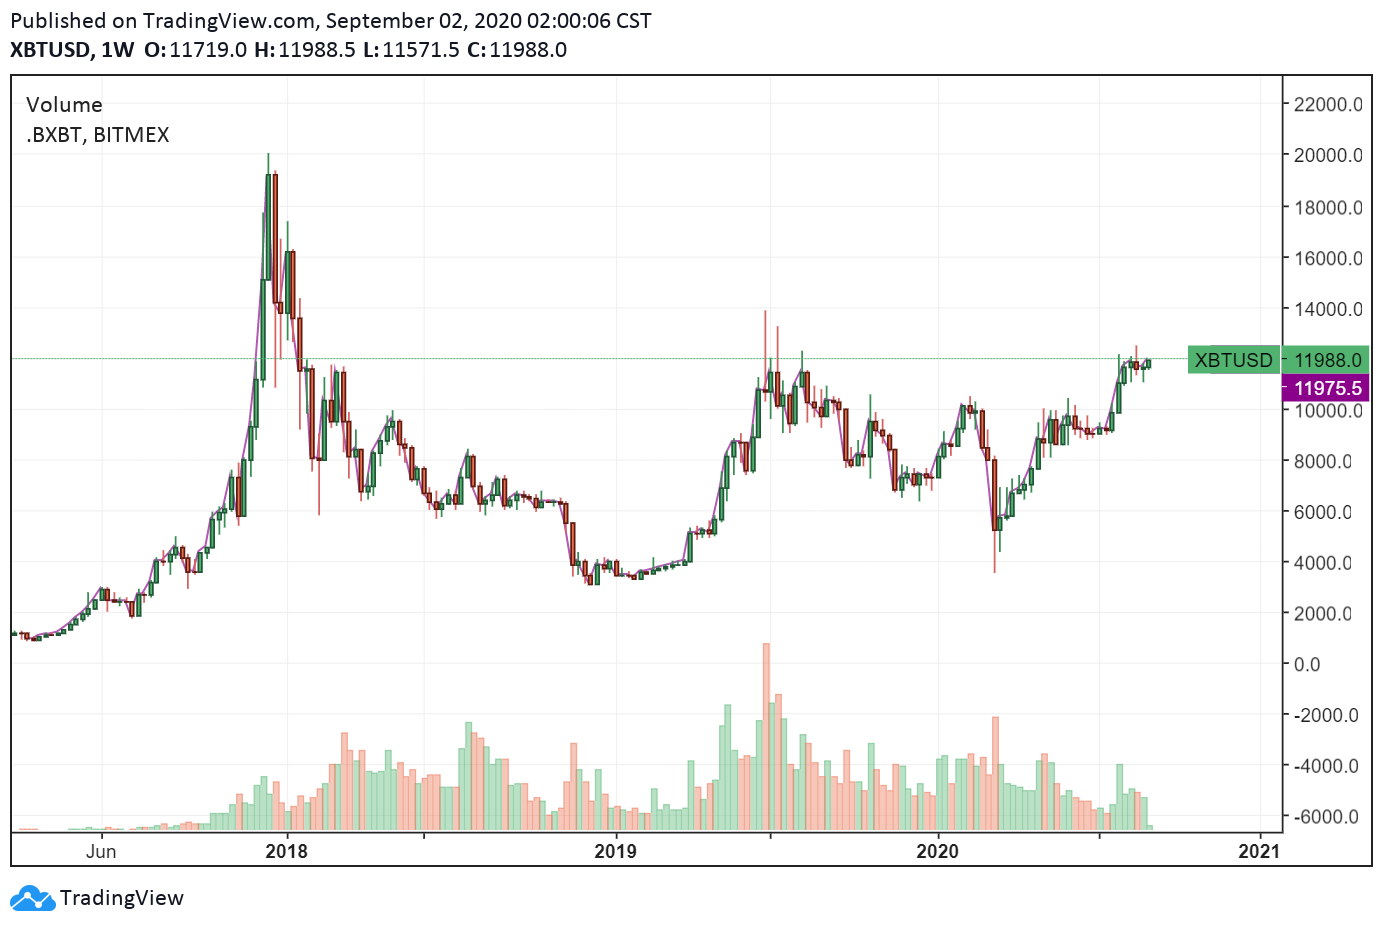 Grafico settimanale di XBT/USD